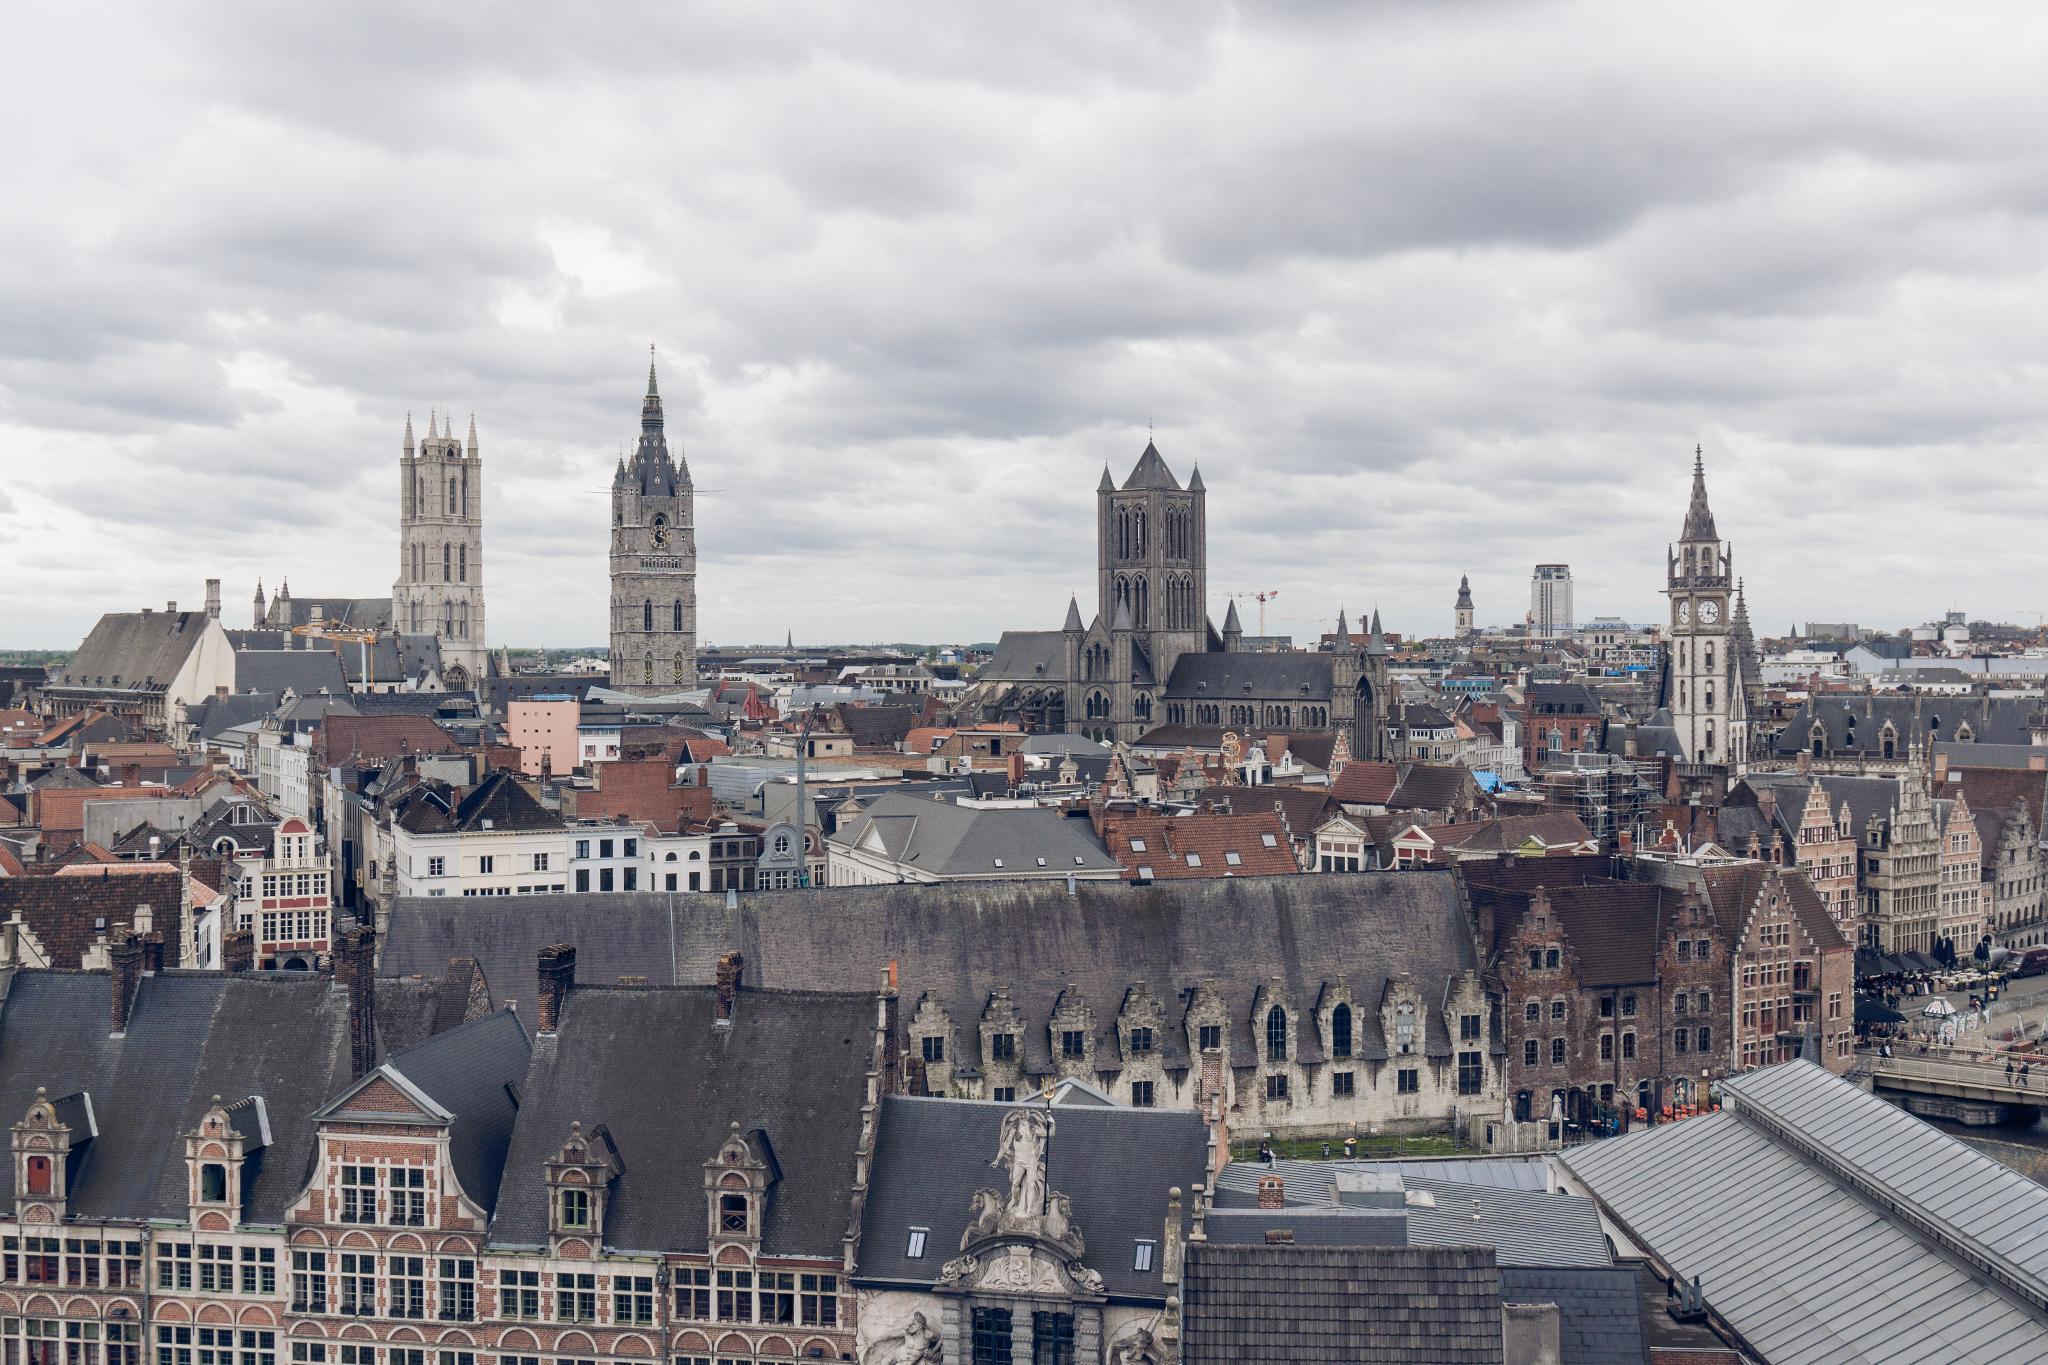 【比利時】穿梭中世紀的大城小事 — 比利時根特 (Ghent) 散步景點總整理 117